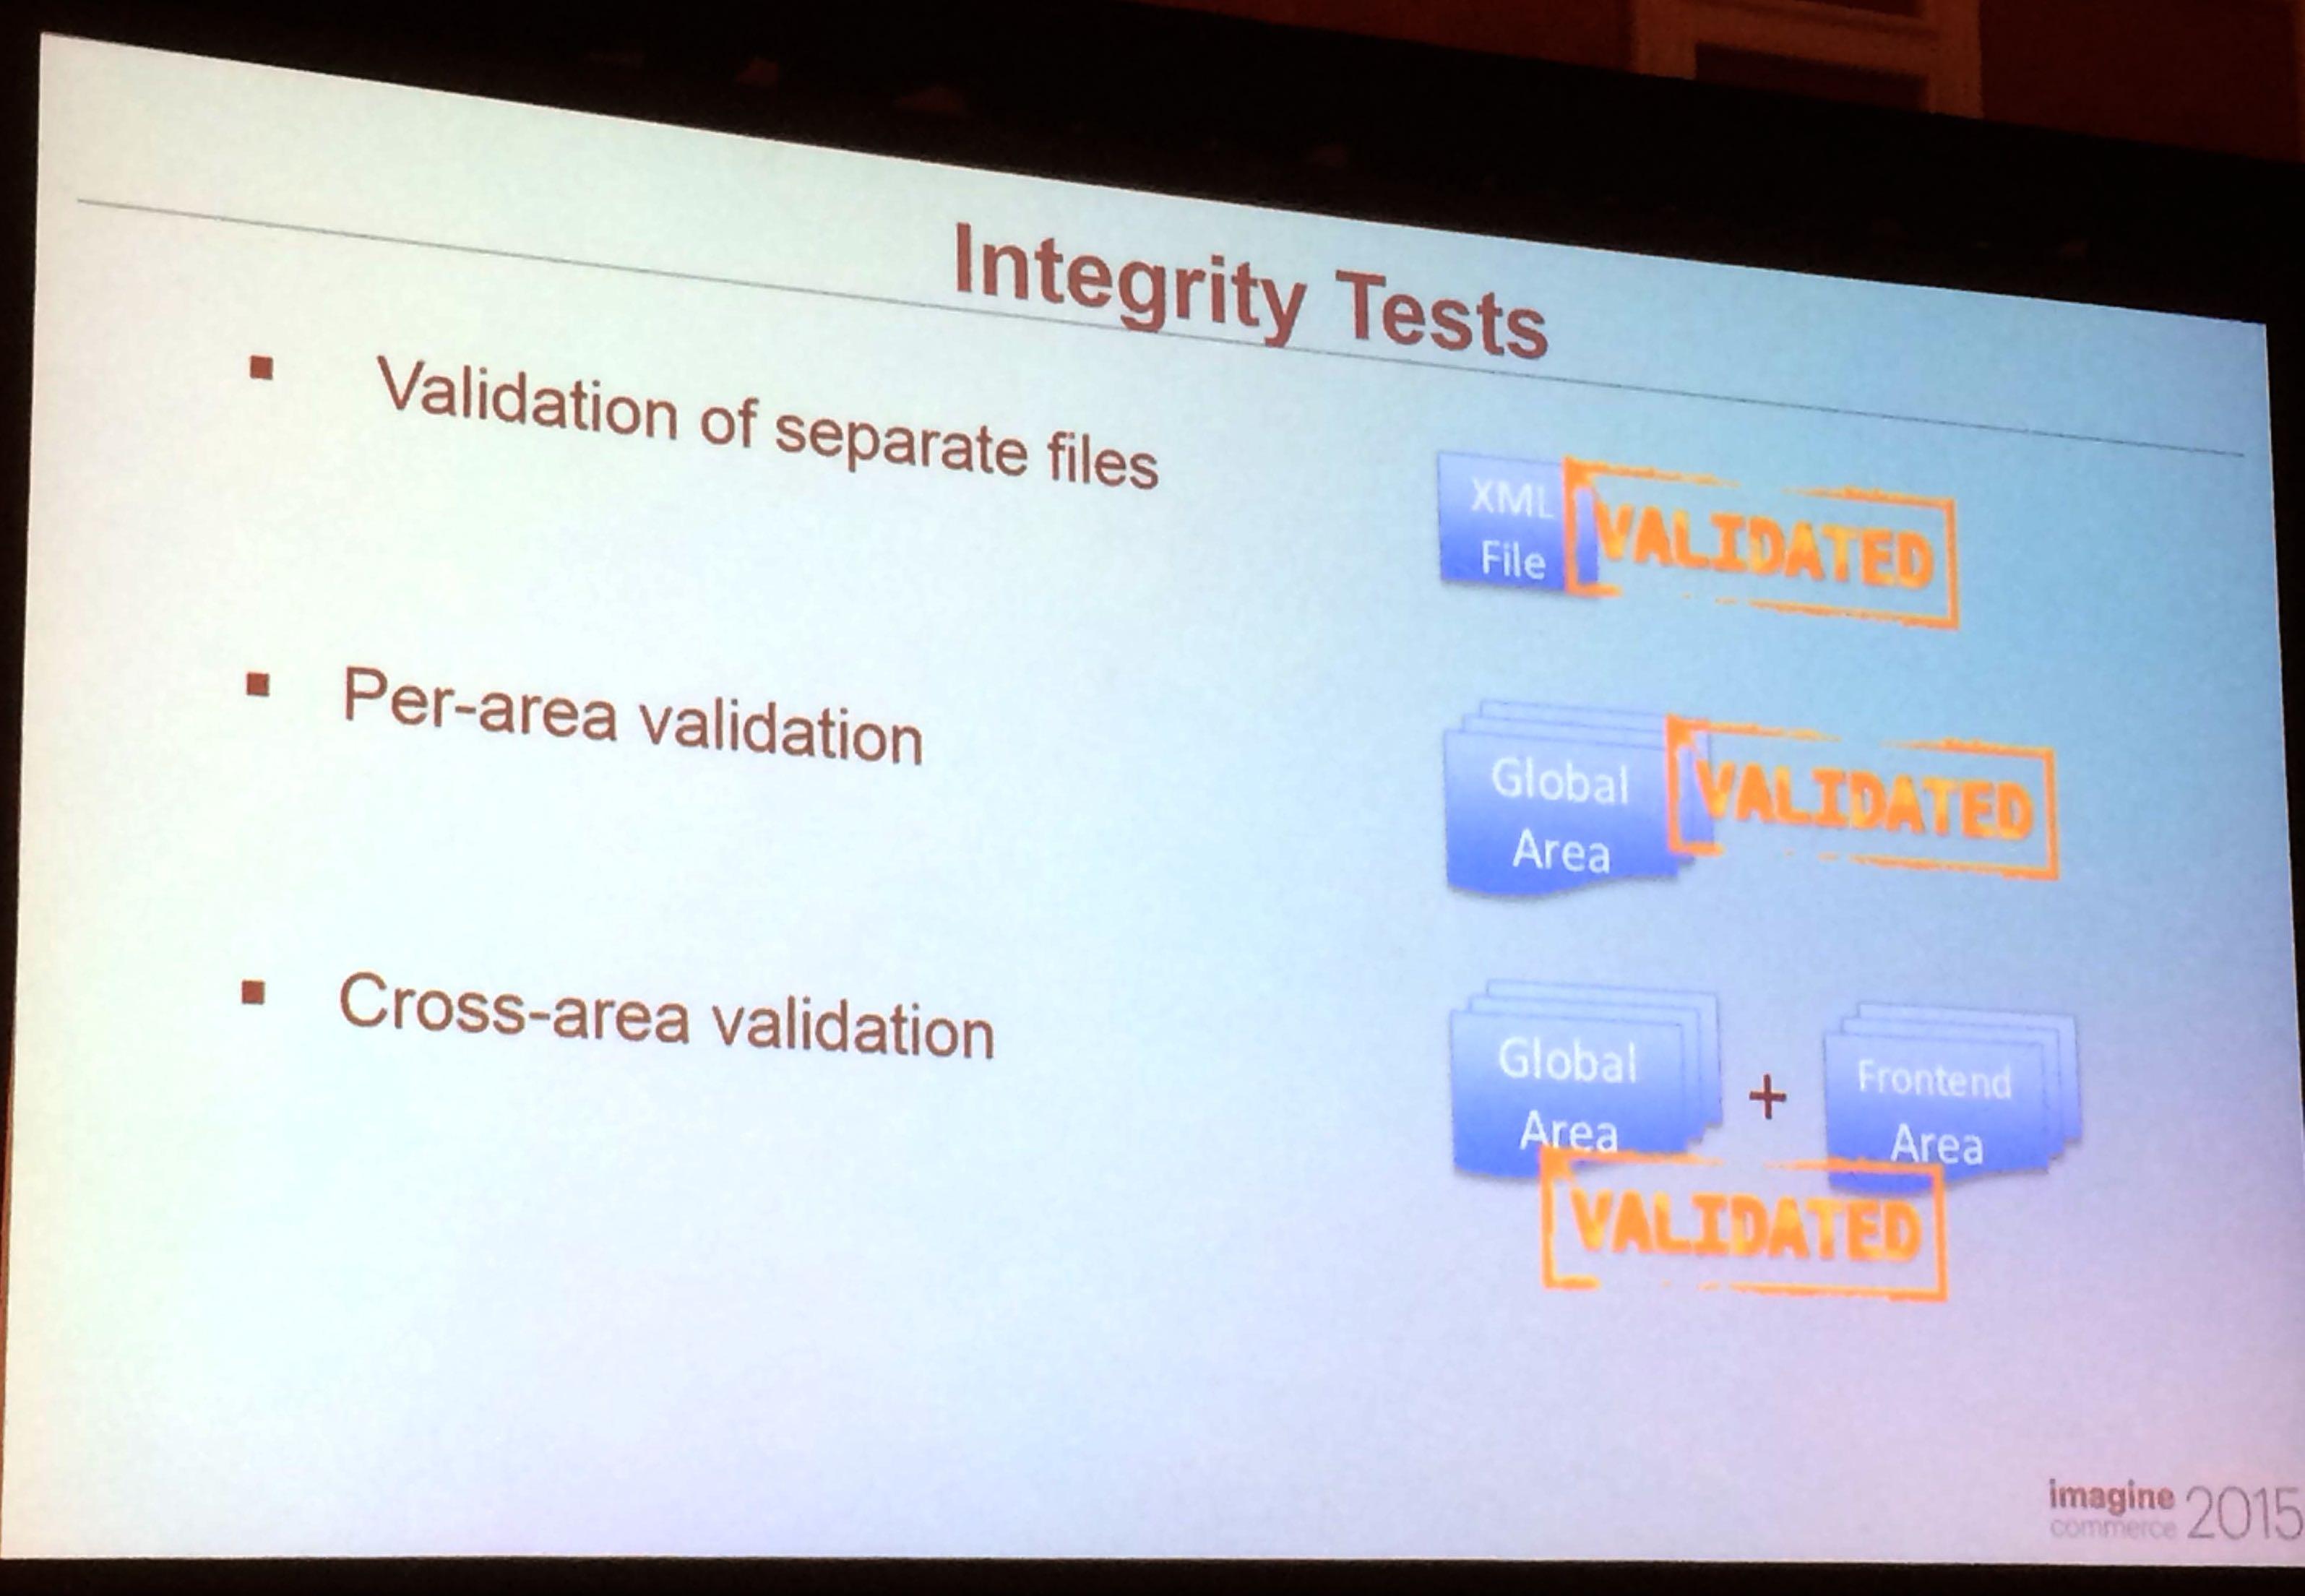 Les différents tests d'intégrités possibles de Magento2